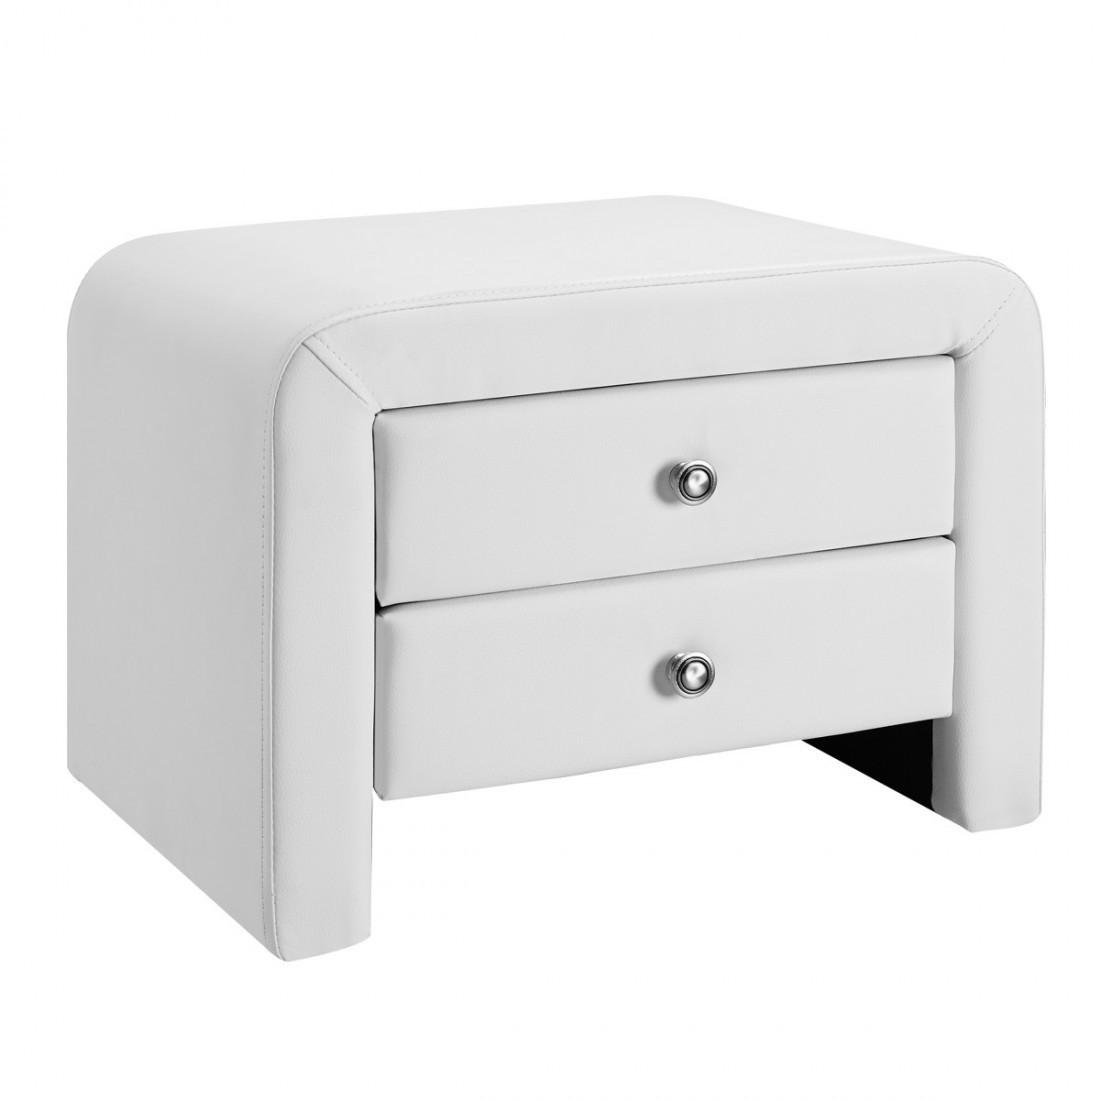 Lit design julia 140 avec 2 tables de chevet blanc - Table de chevet solde ...